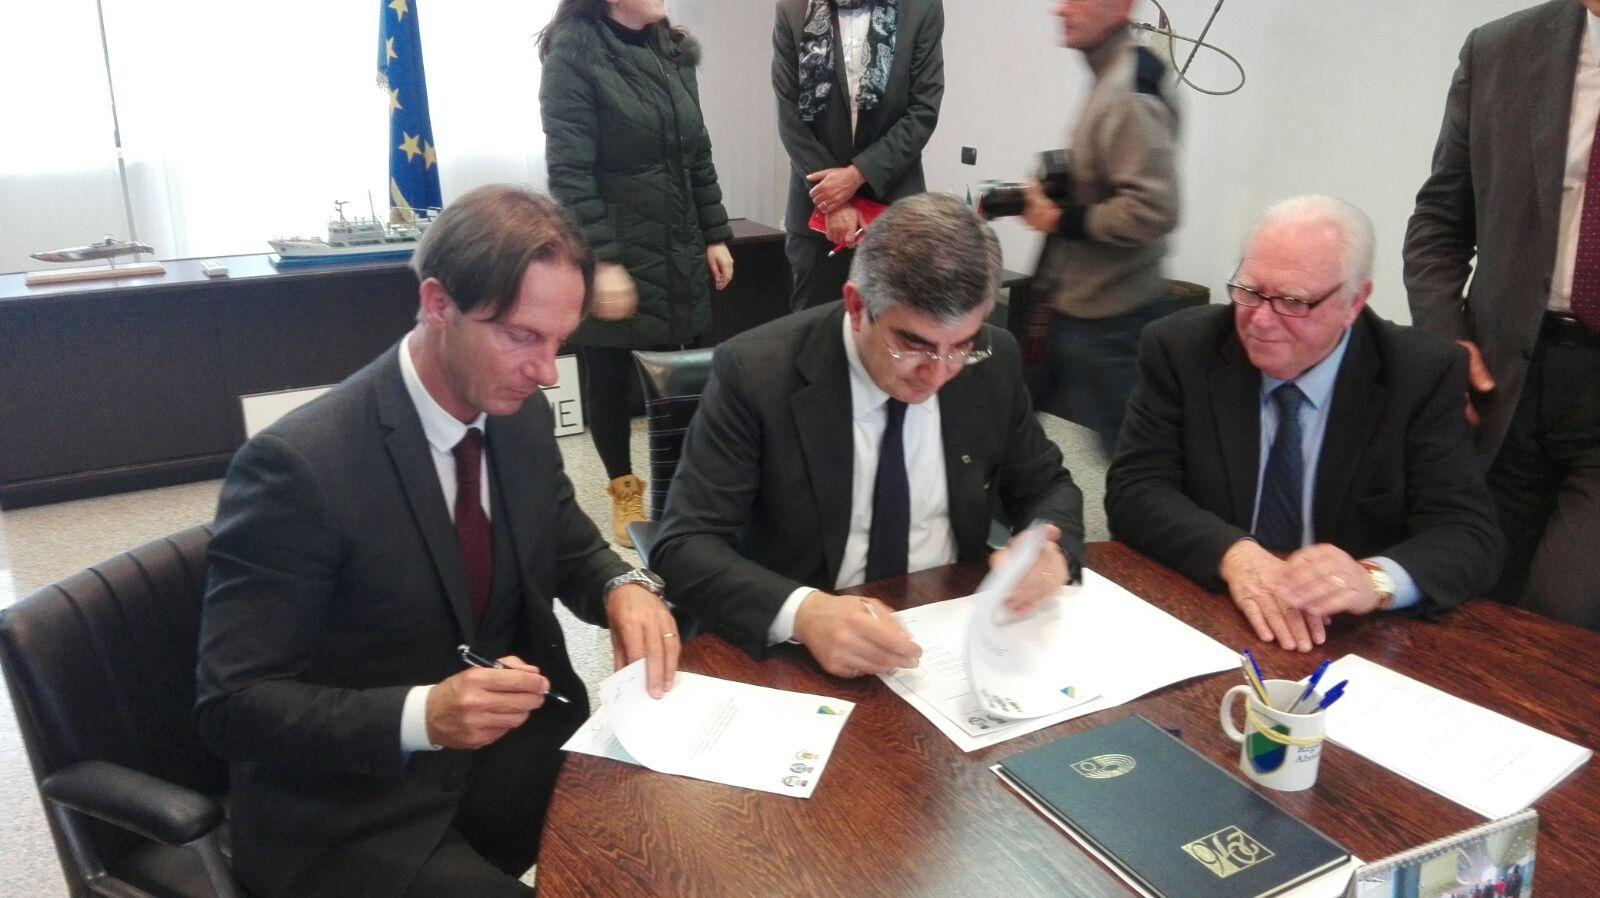 Caserma dei Carabinieri, Approvato progetto definitivo esecutivo e opere complementari